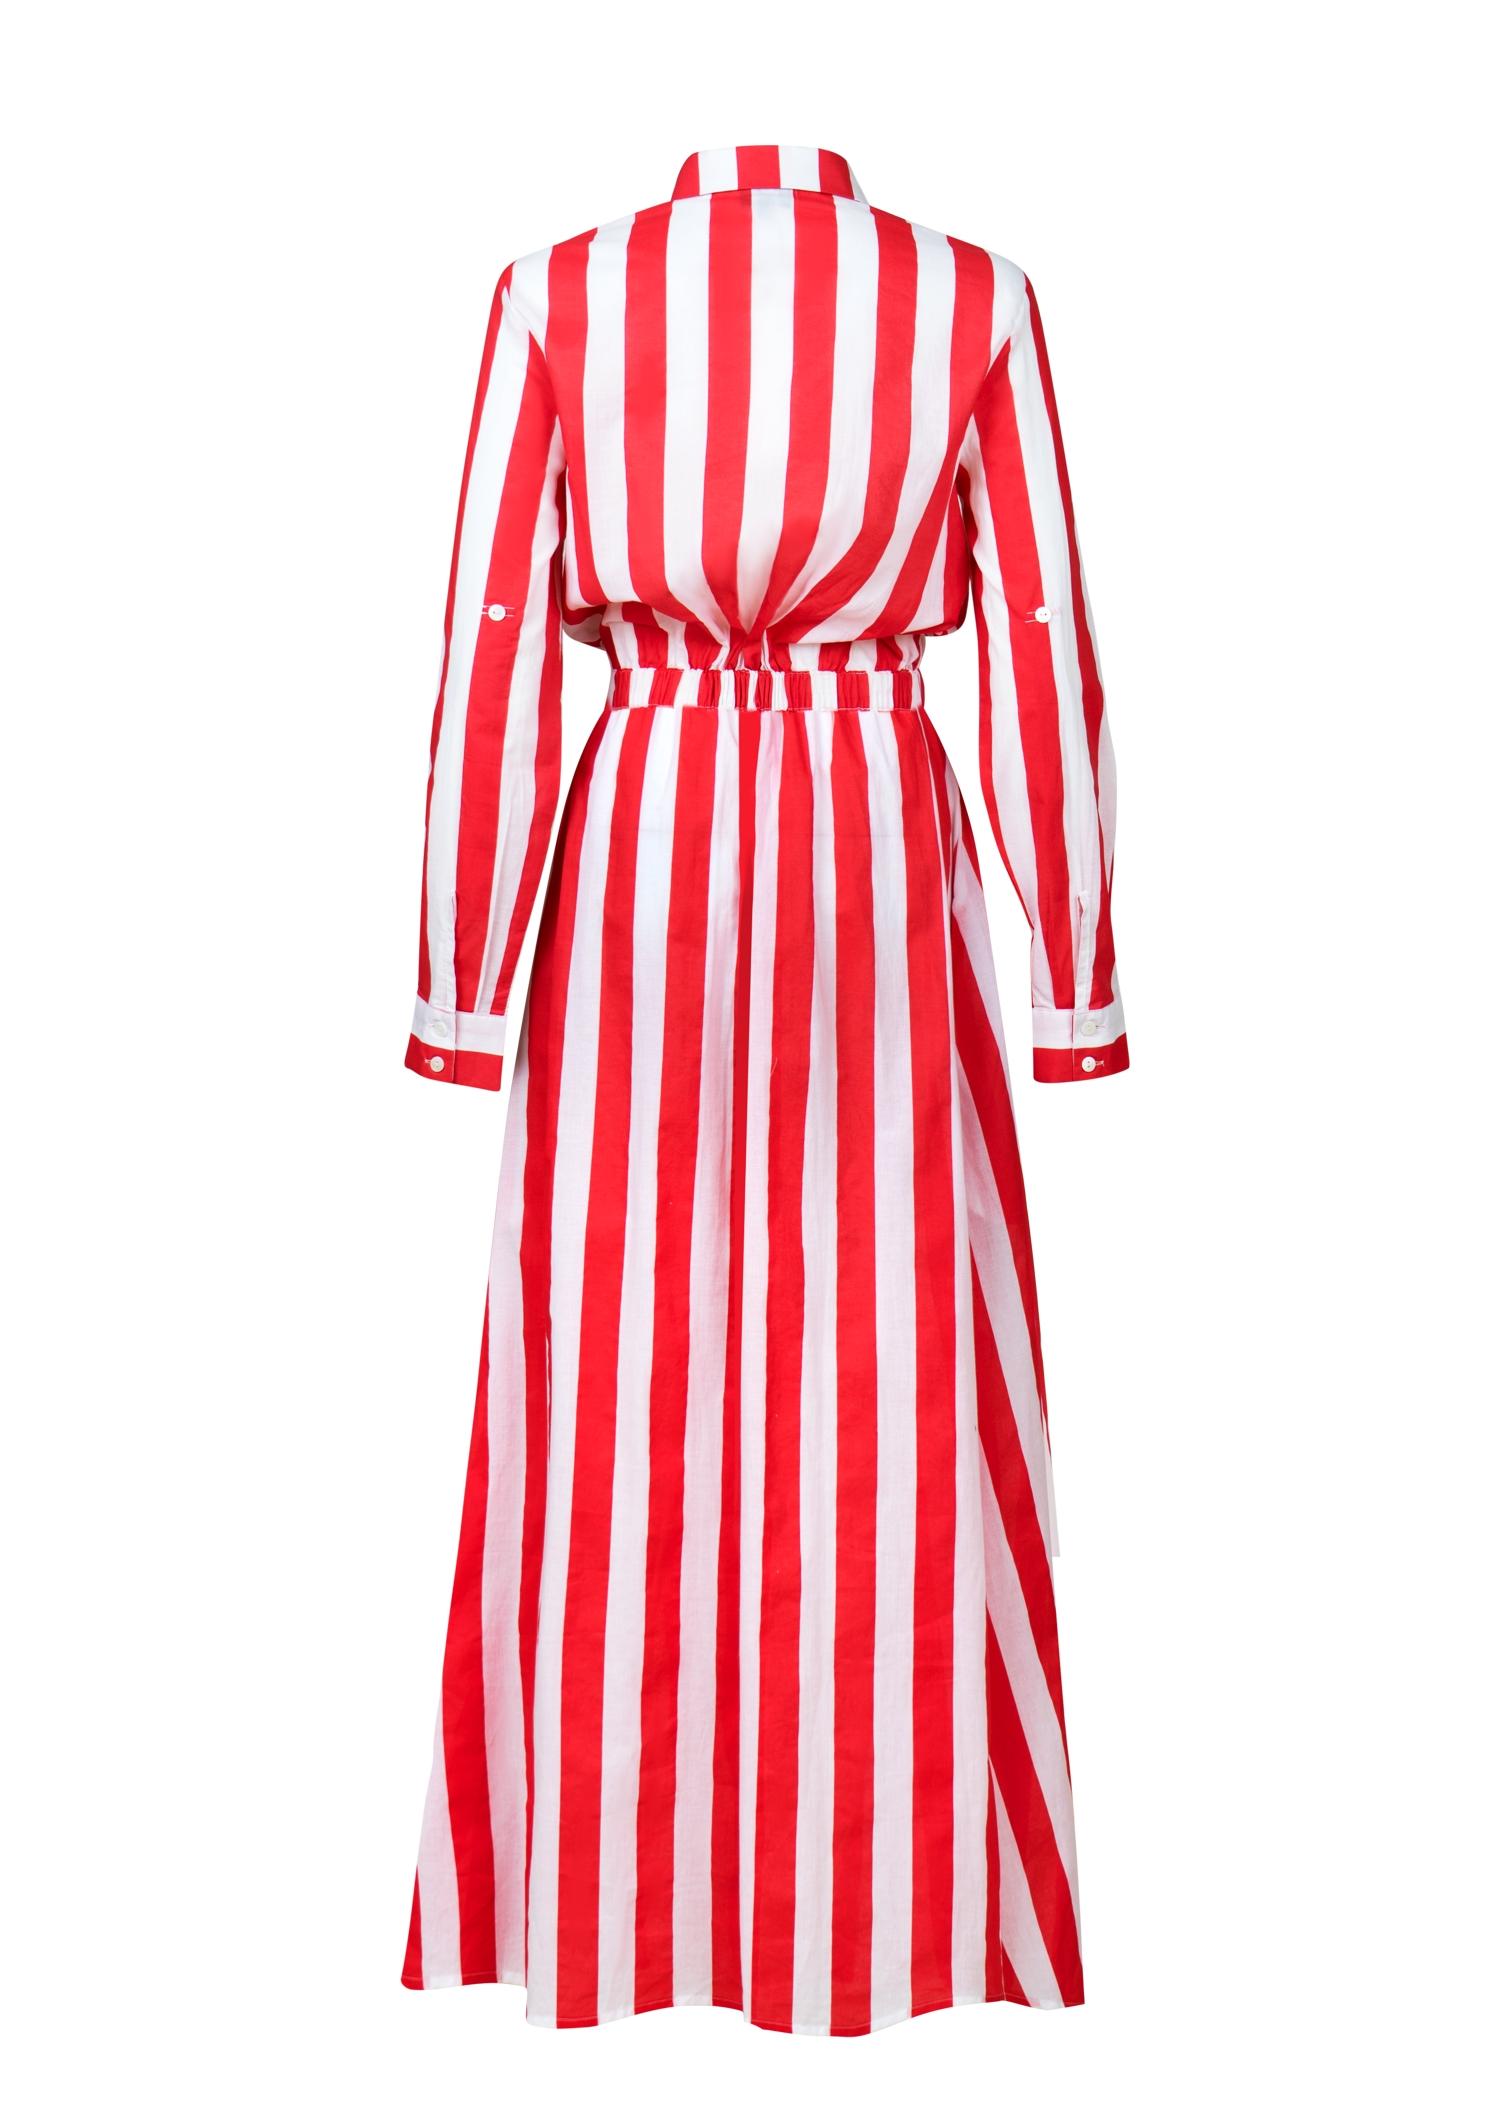 Dress stripes with Logo